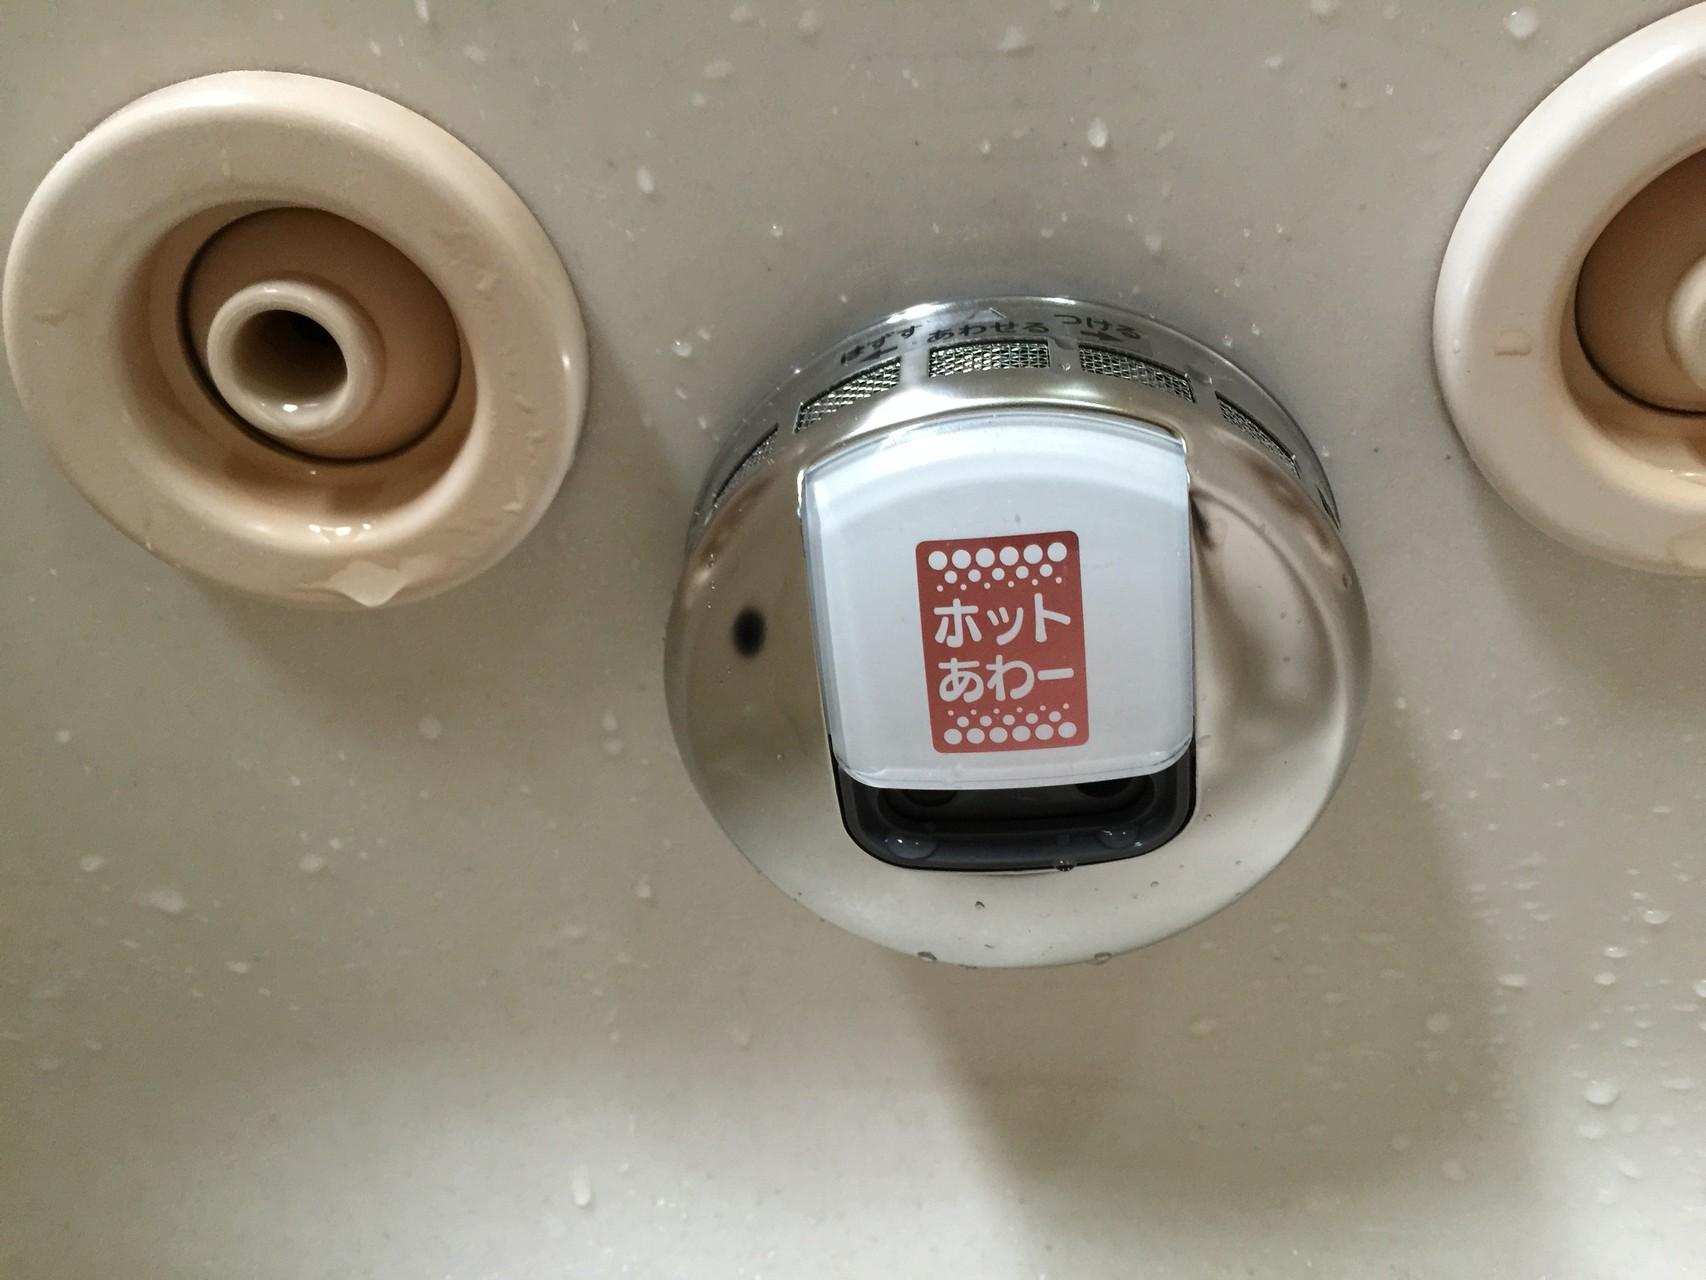 三菱 エコキュート ホットあわー 追い炊き アダプター